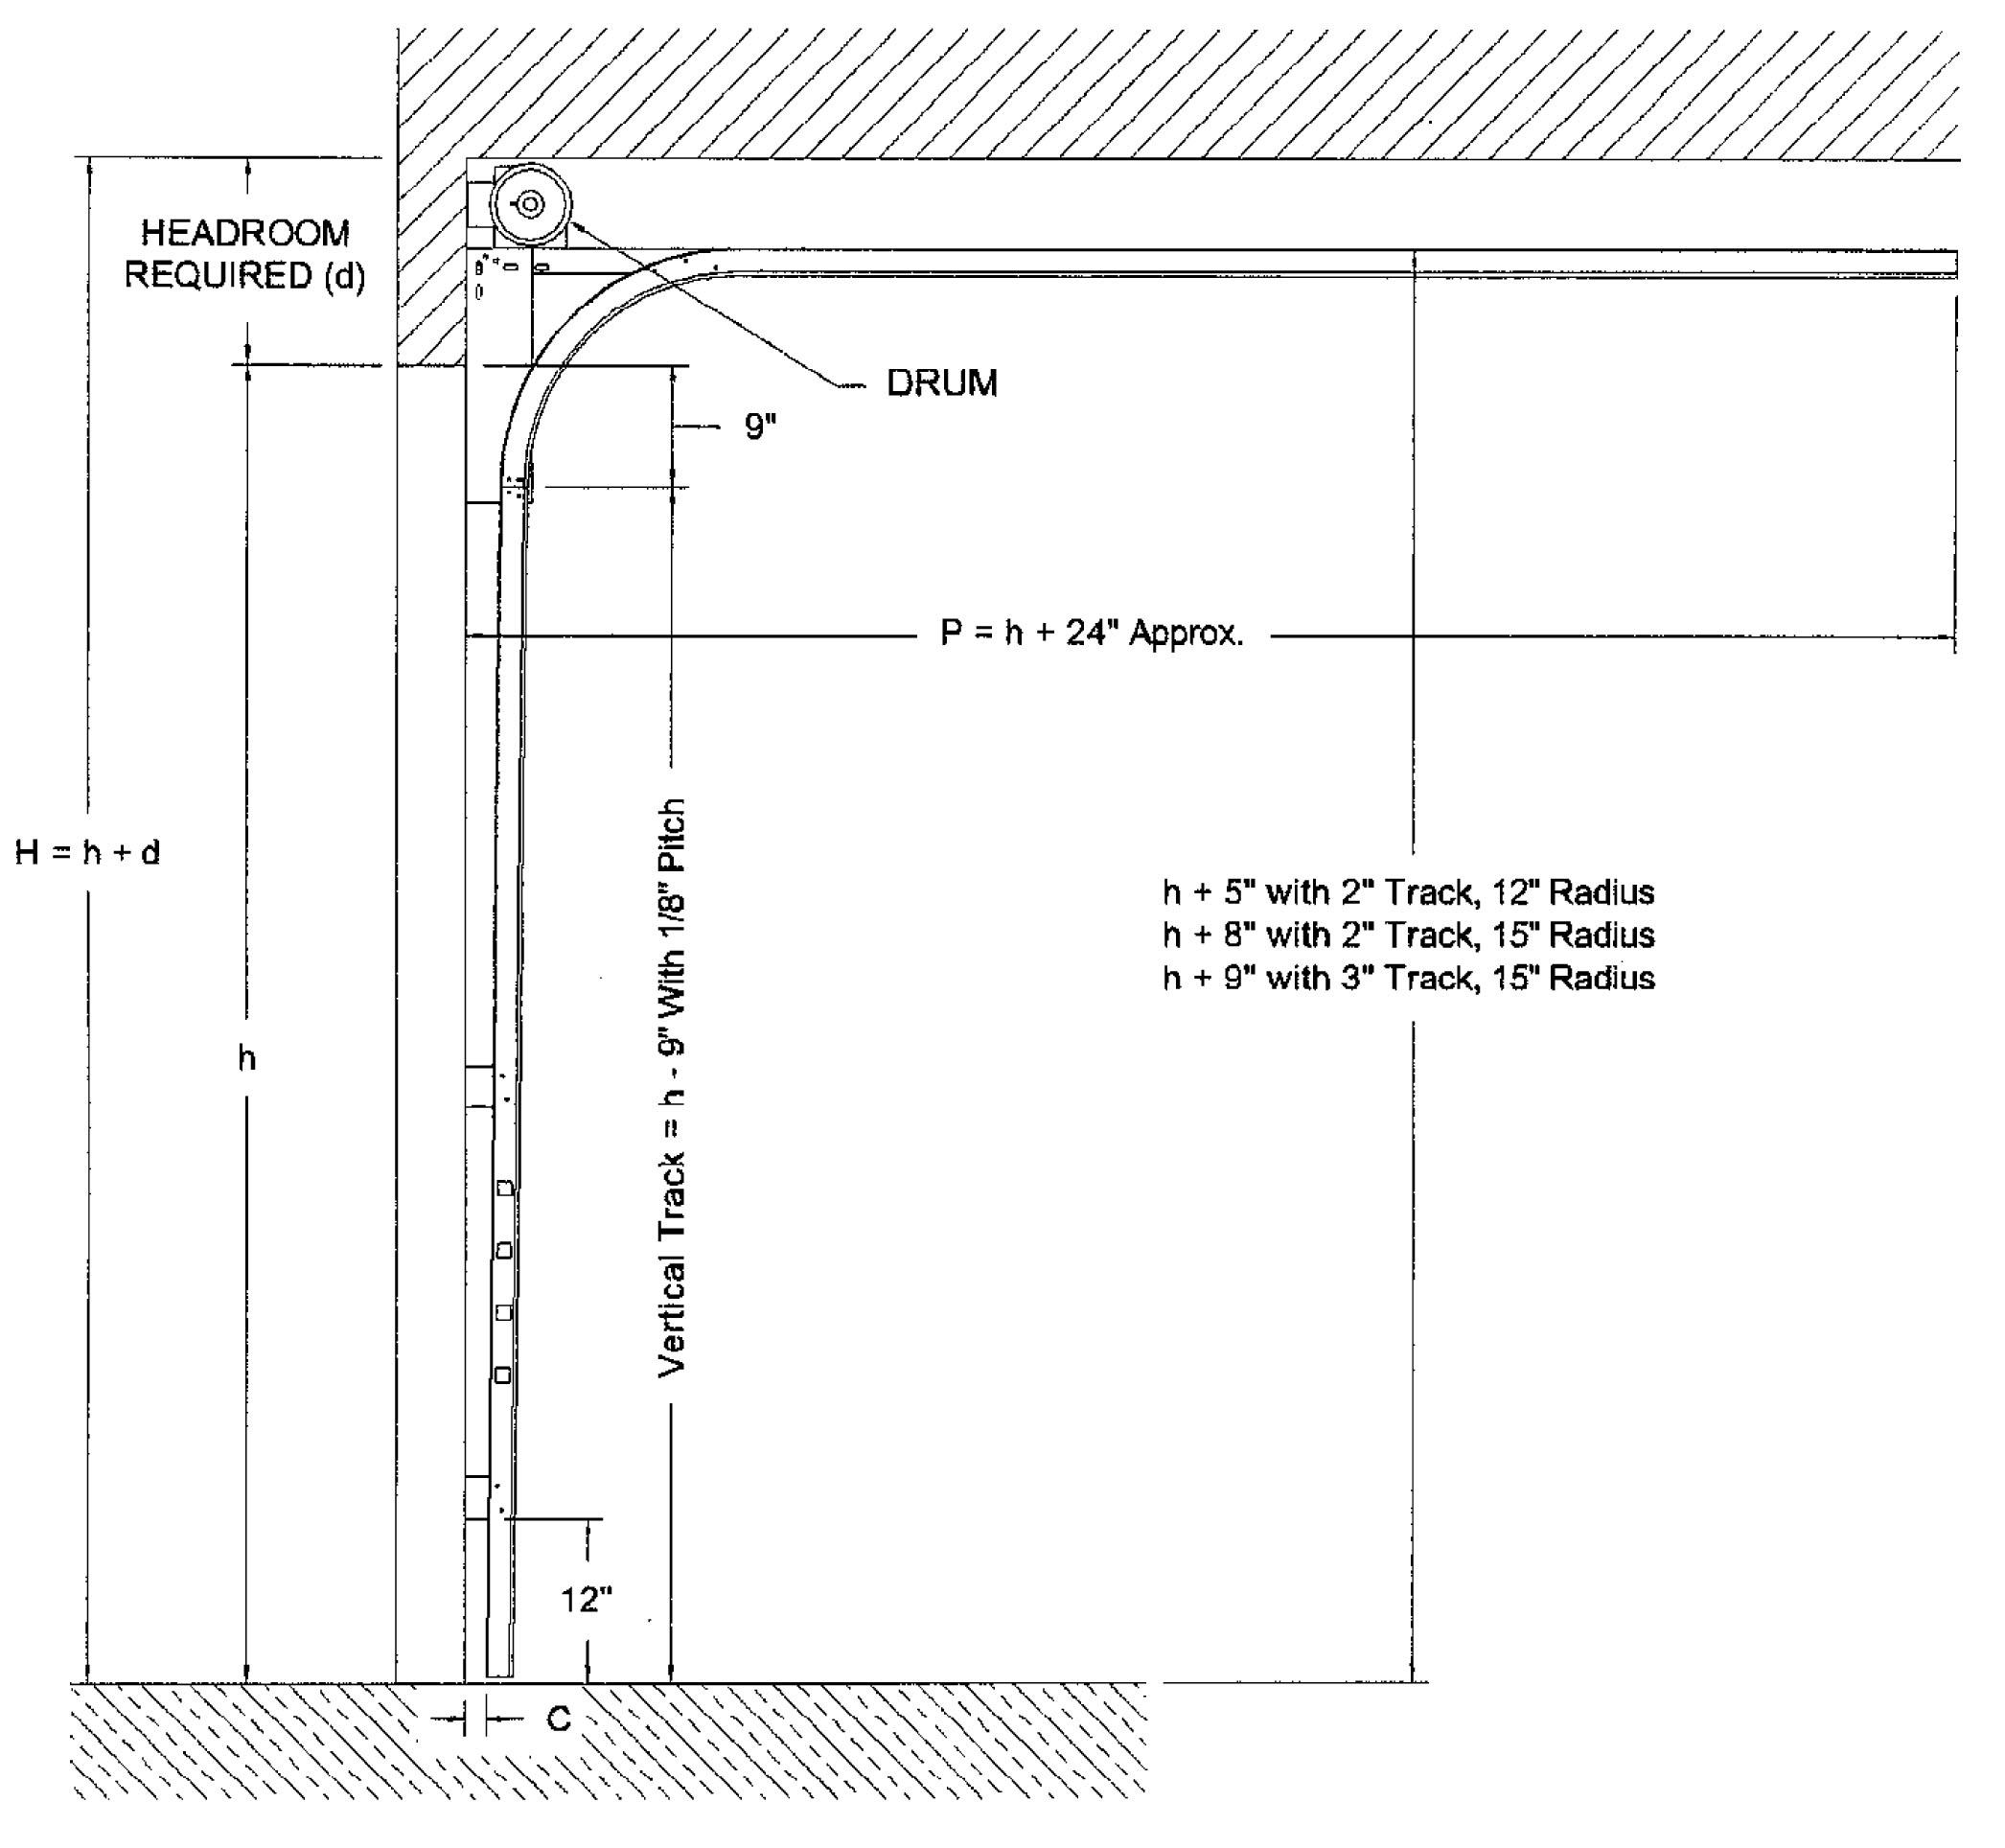 Clever Standard Lift Door Calculation Architects Garaga Door Sizes Lowes Door Sizes Commercial houzz-03 Garage Door Size